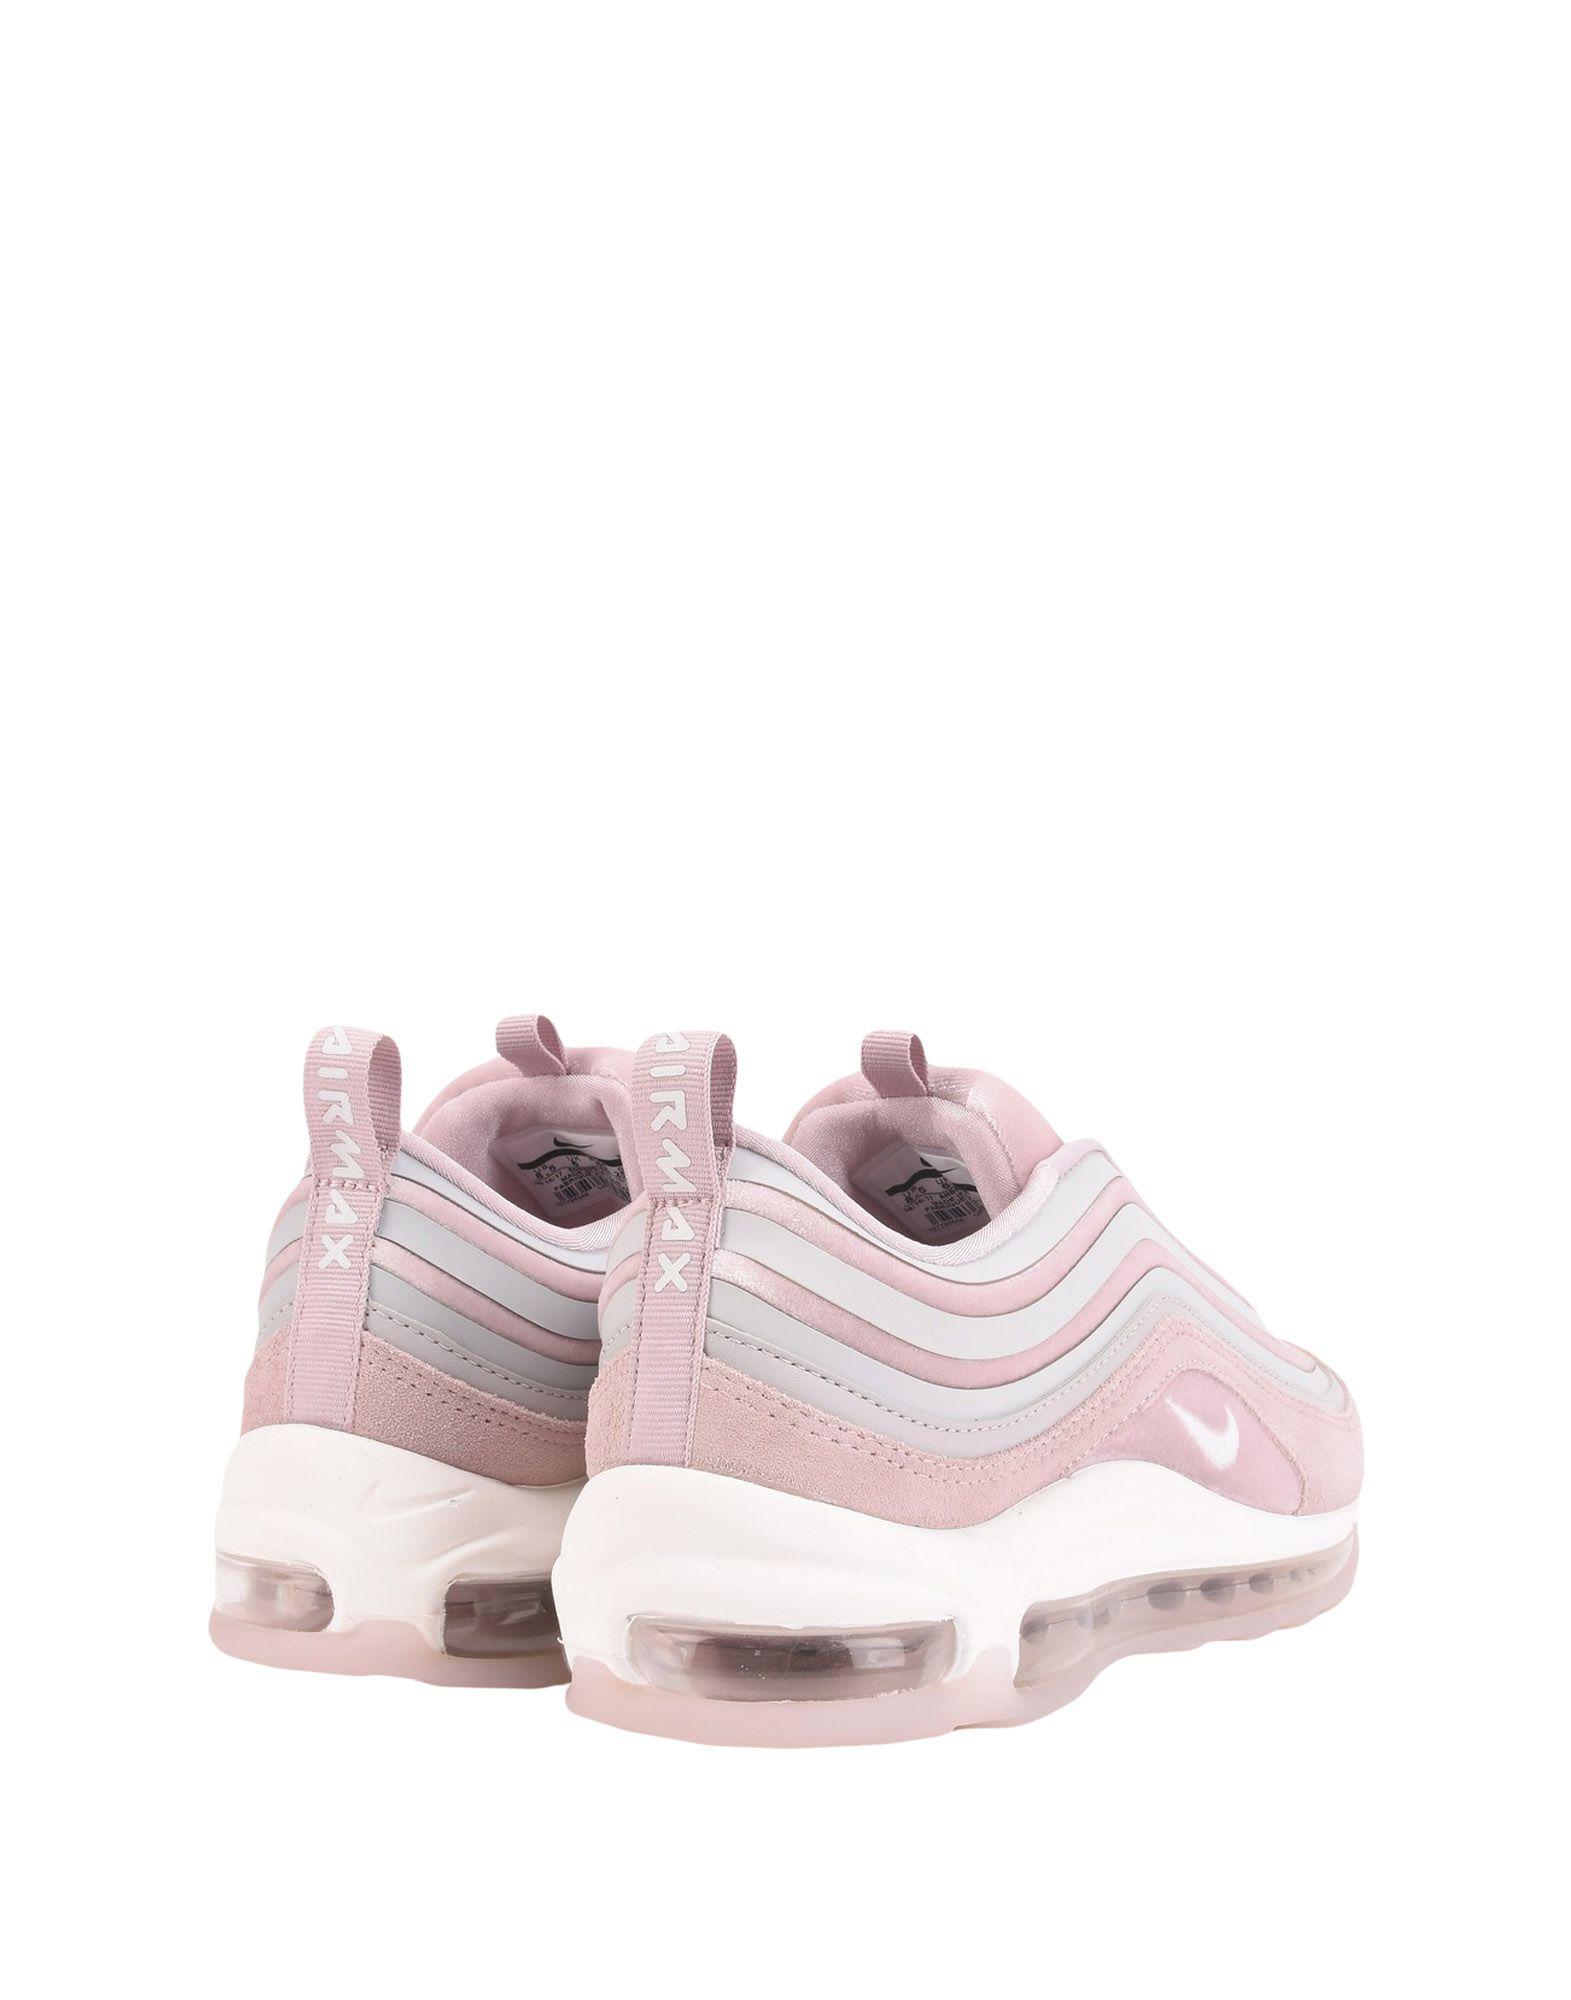 Sneakers Nike Air Max 97 Ul 17 Lux - Femme - Sneakers Nike sur